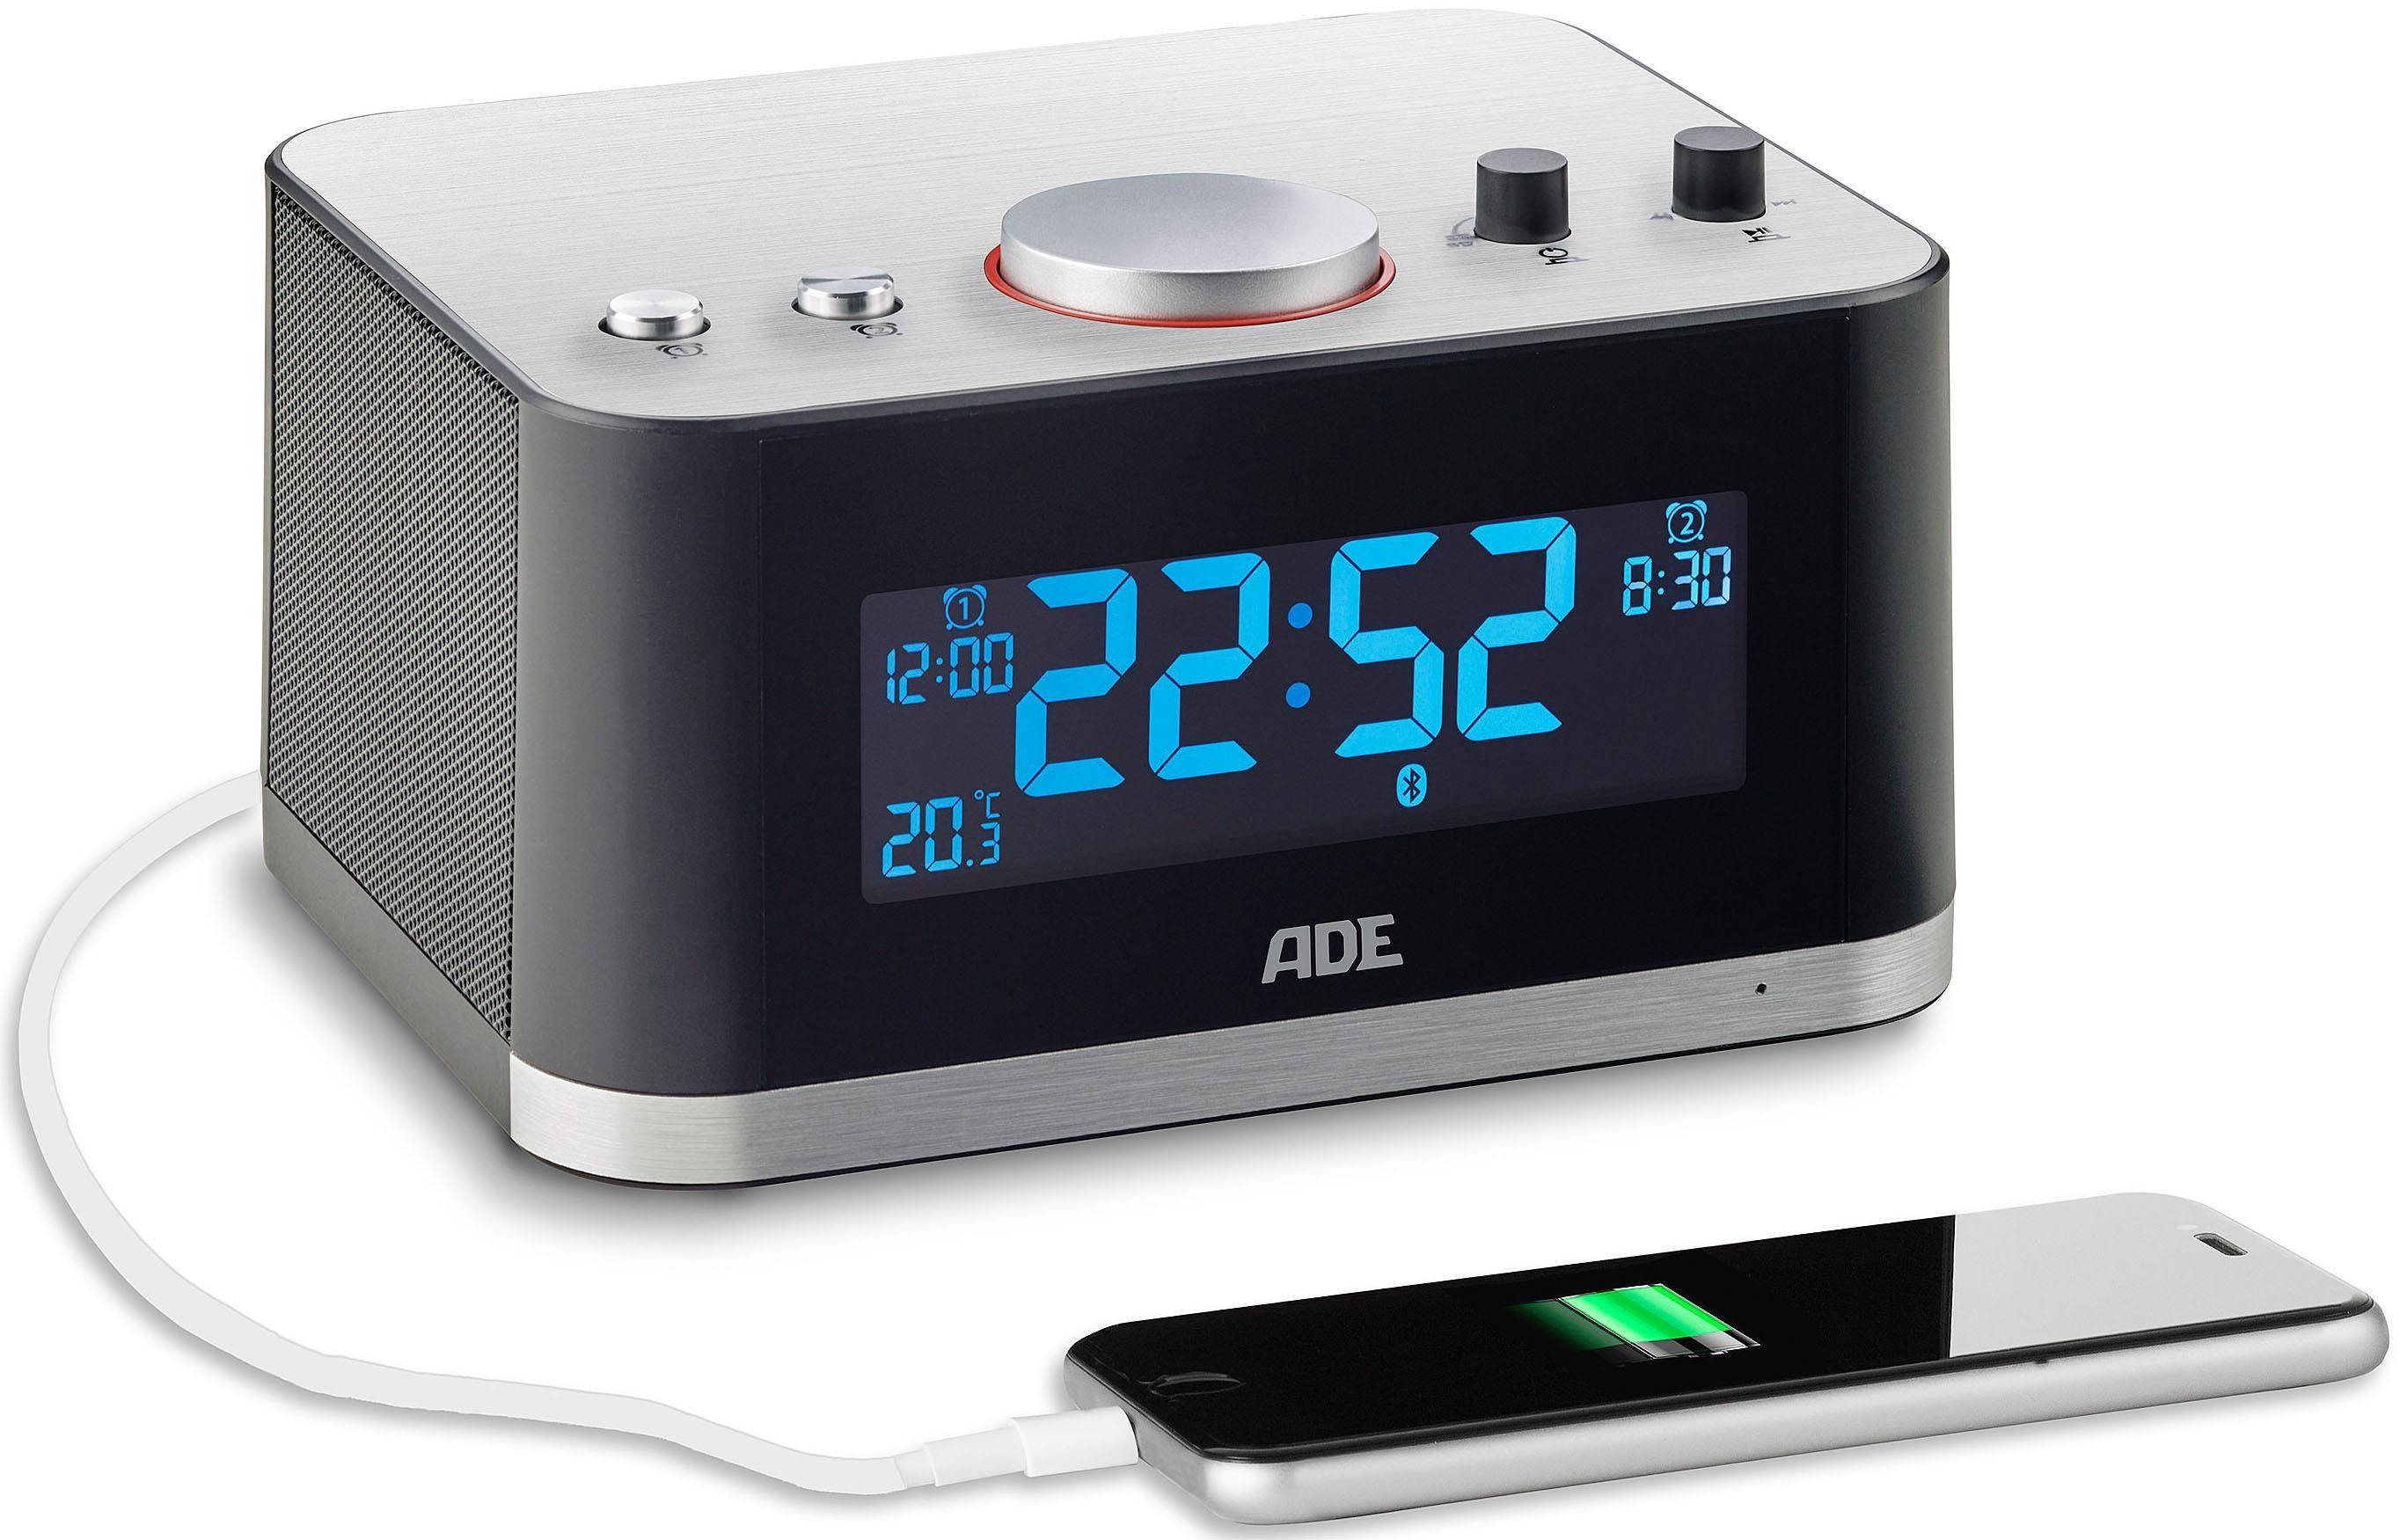 ADE Multimediawecker mit Bluetooth-Lautsprecher CK 1706, Traumhaft vielseitig – Aufwachen mit Lieblinsmusik, Einschlafen mit Hörbuch